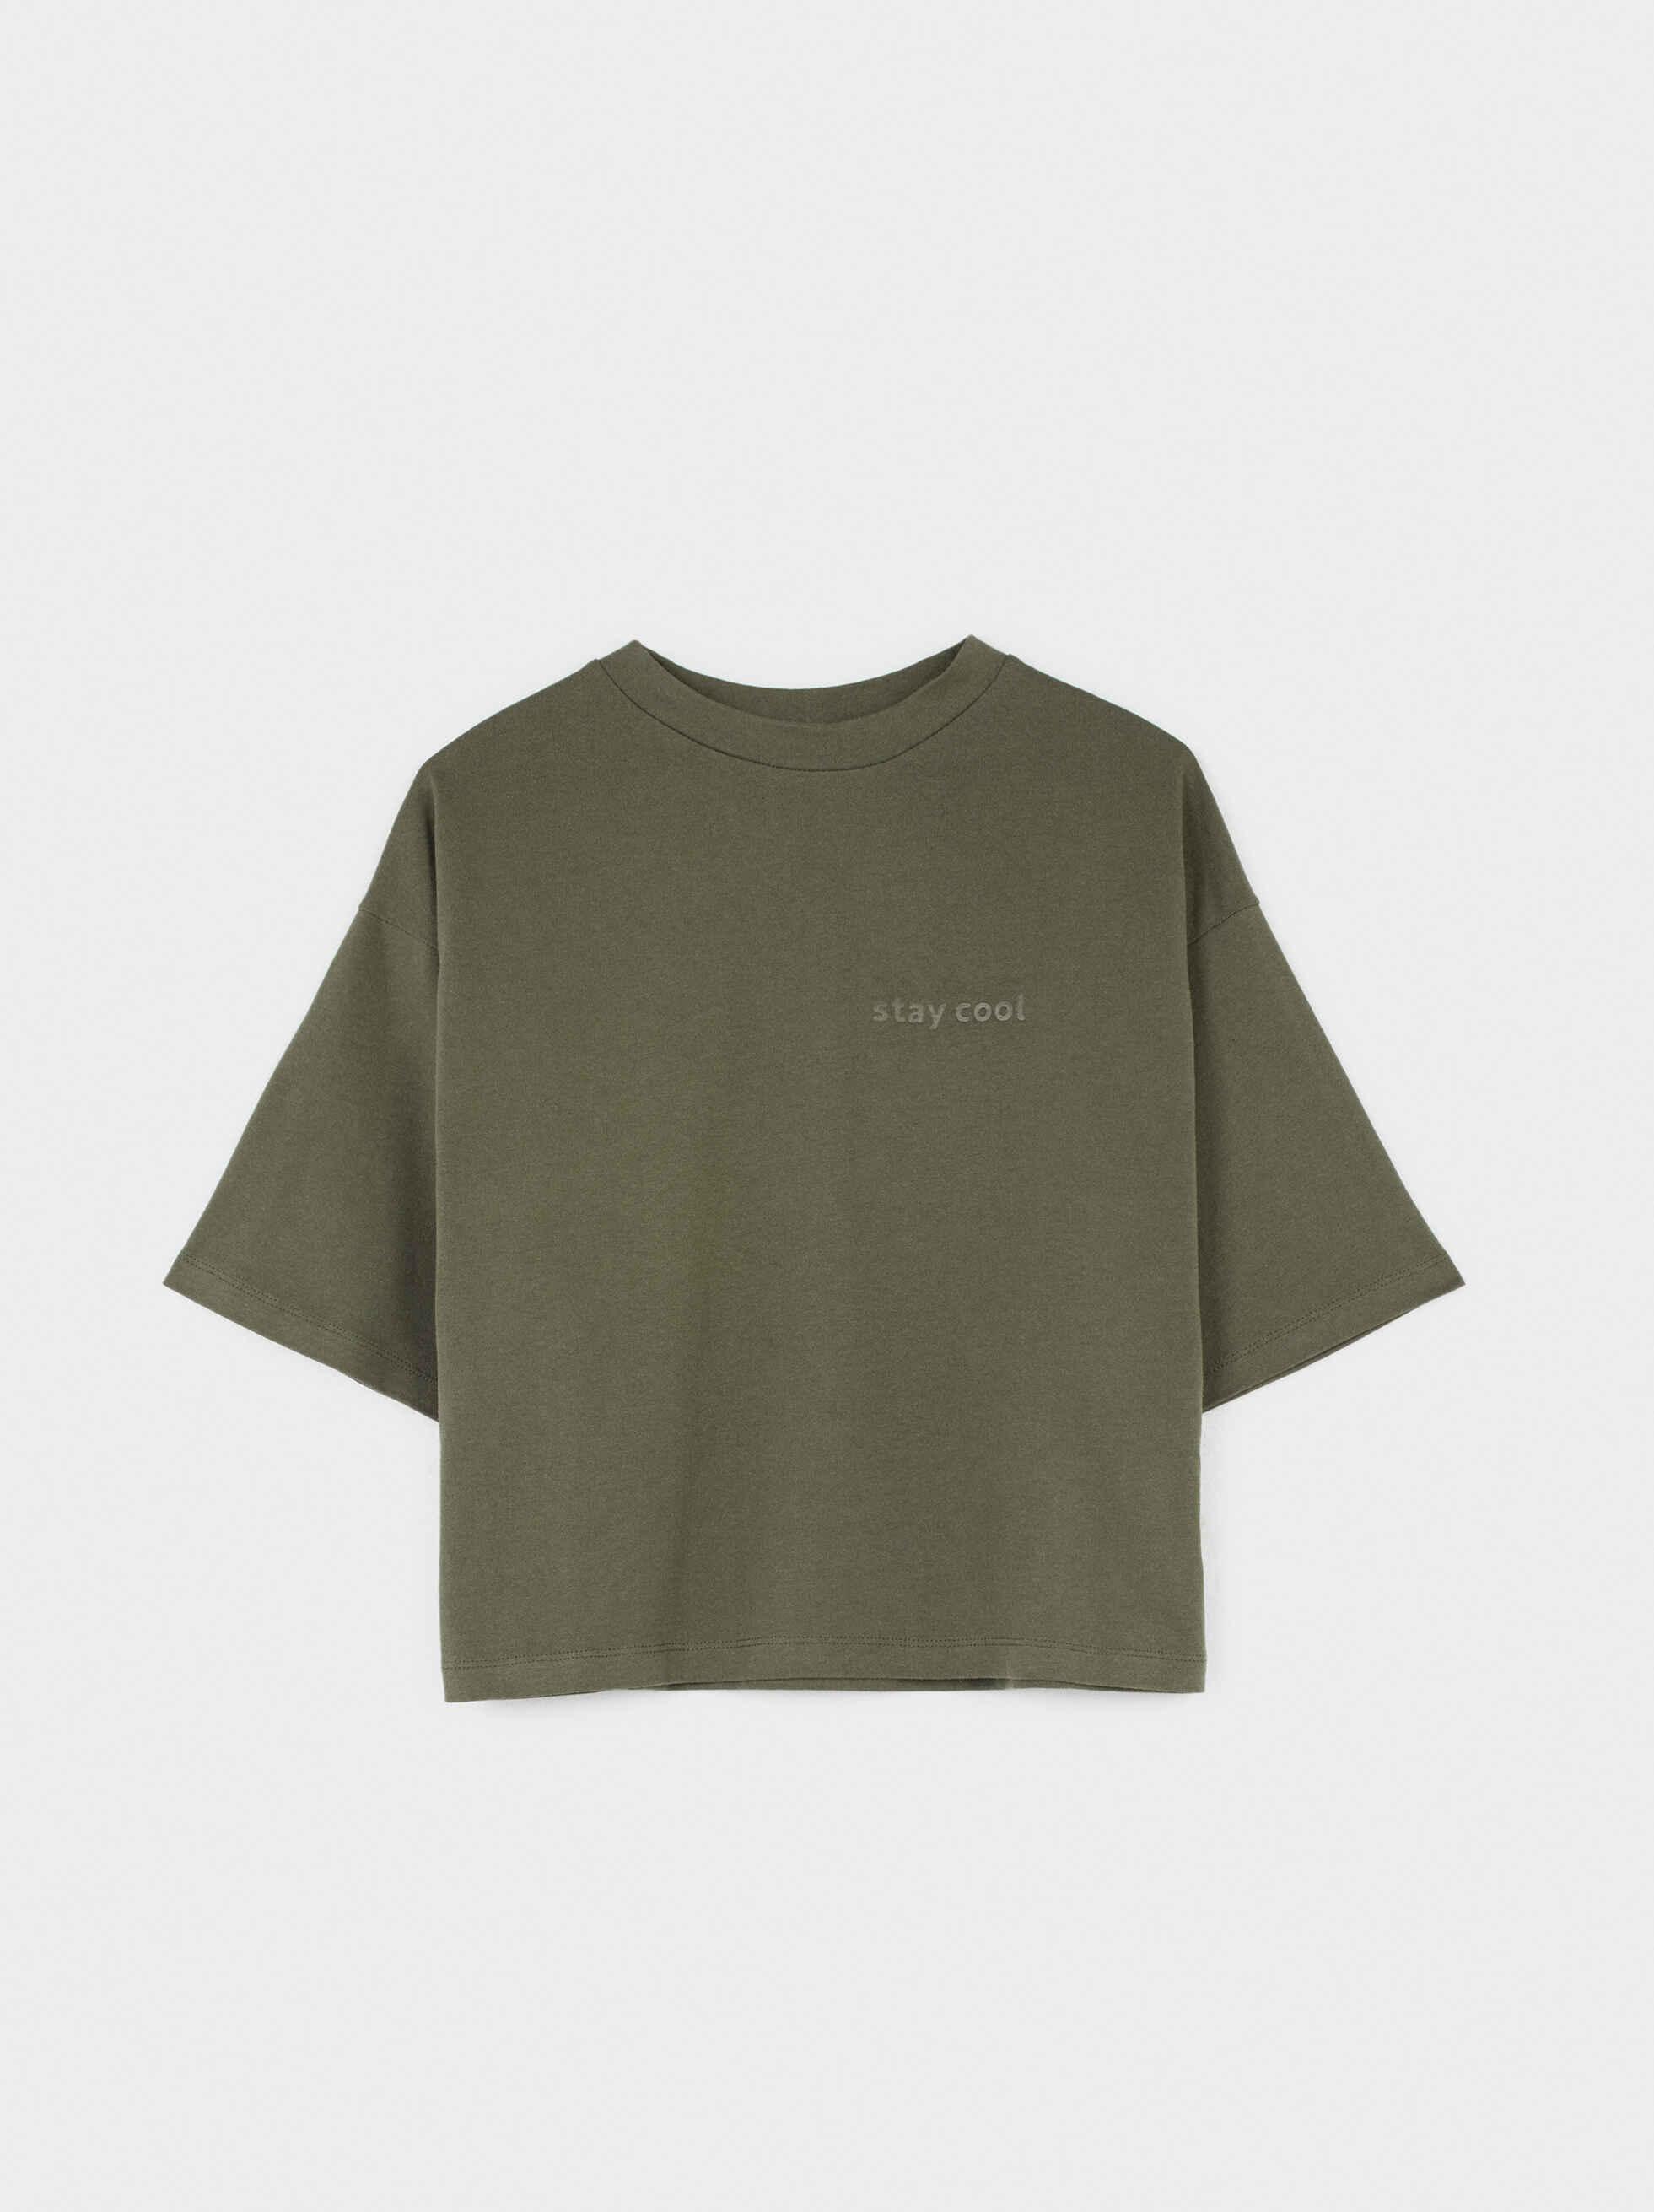 Camiseta Cuello Redondo Stay Cool, Caqui, hi-res